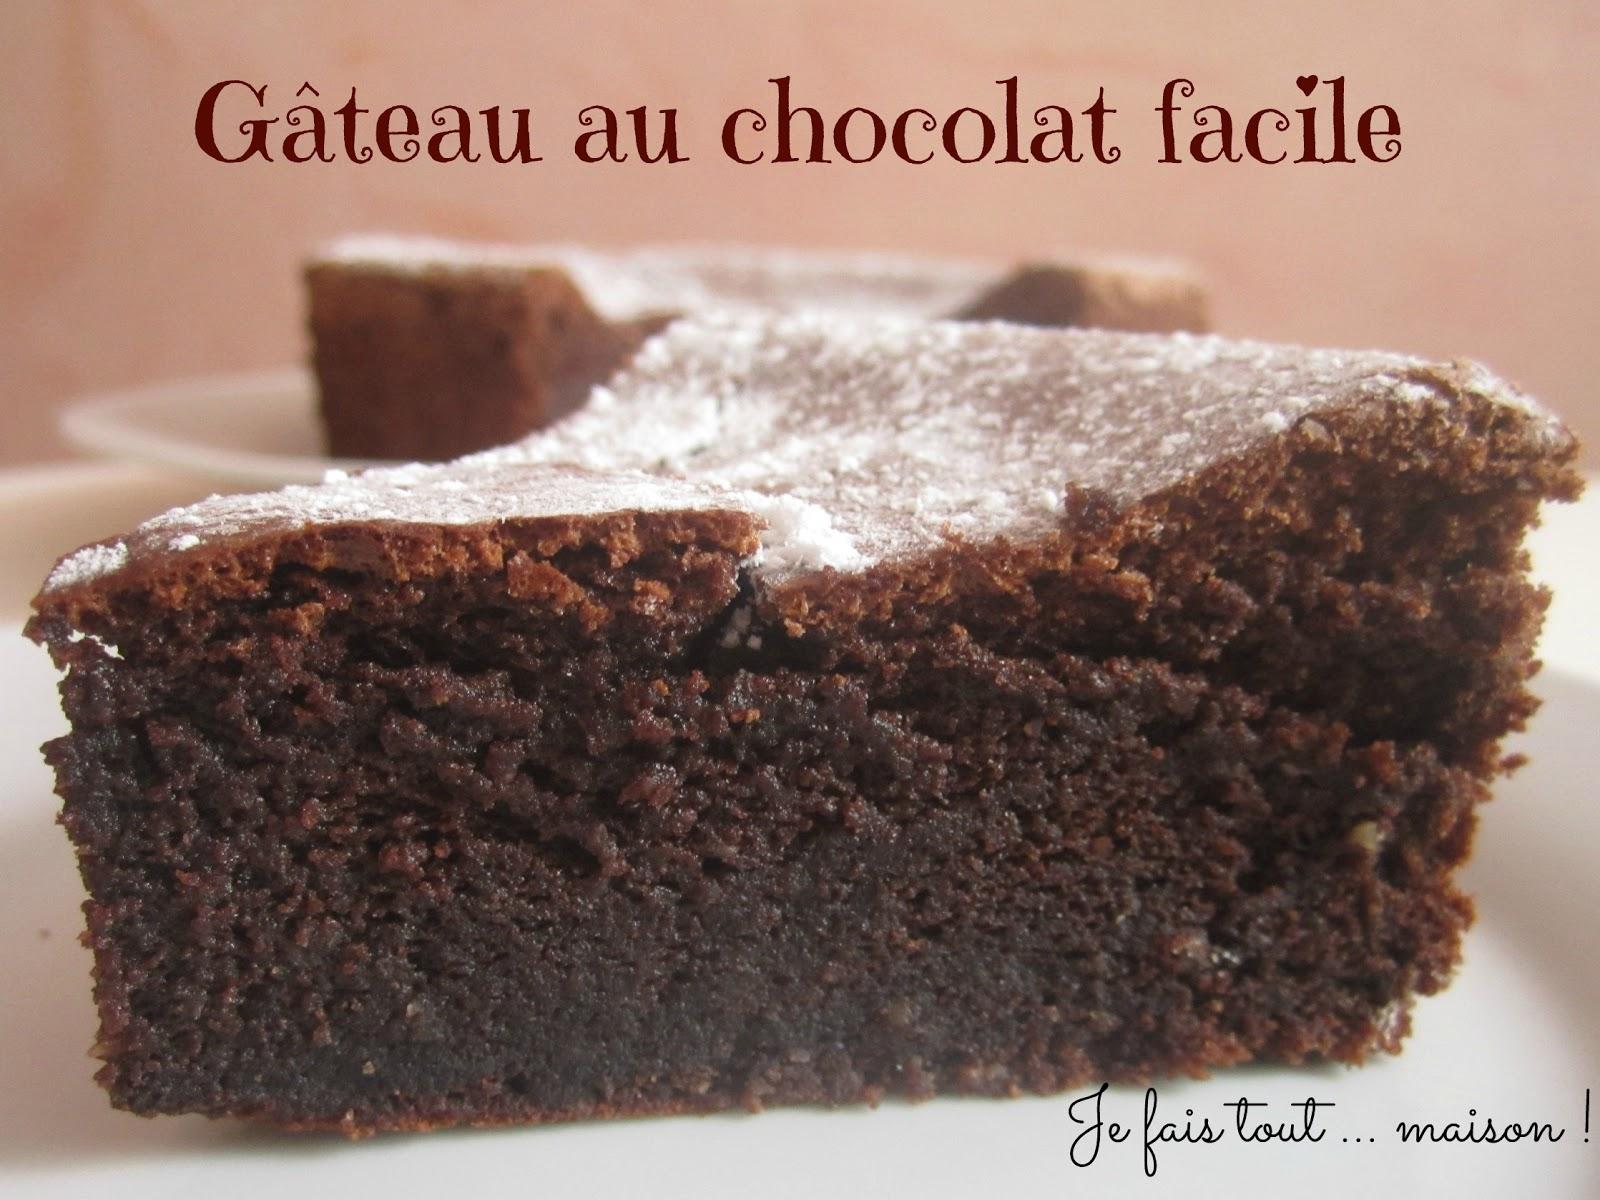 Je fais tout maison g teau chocolat bellevue de christophe felder - Fondant au chocolat en poudre ...